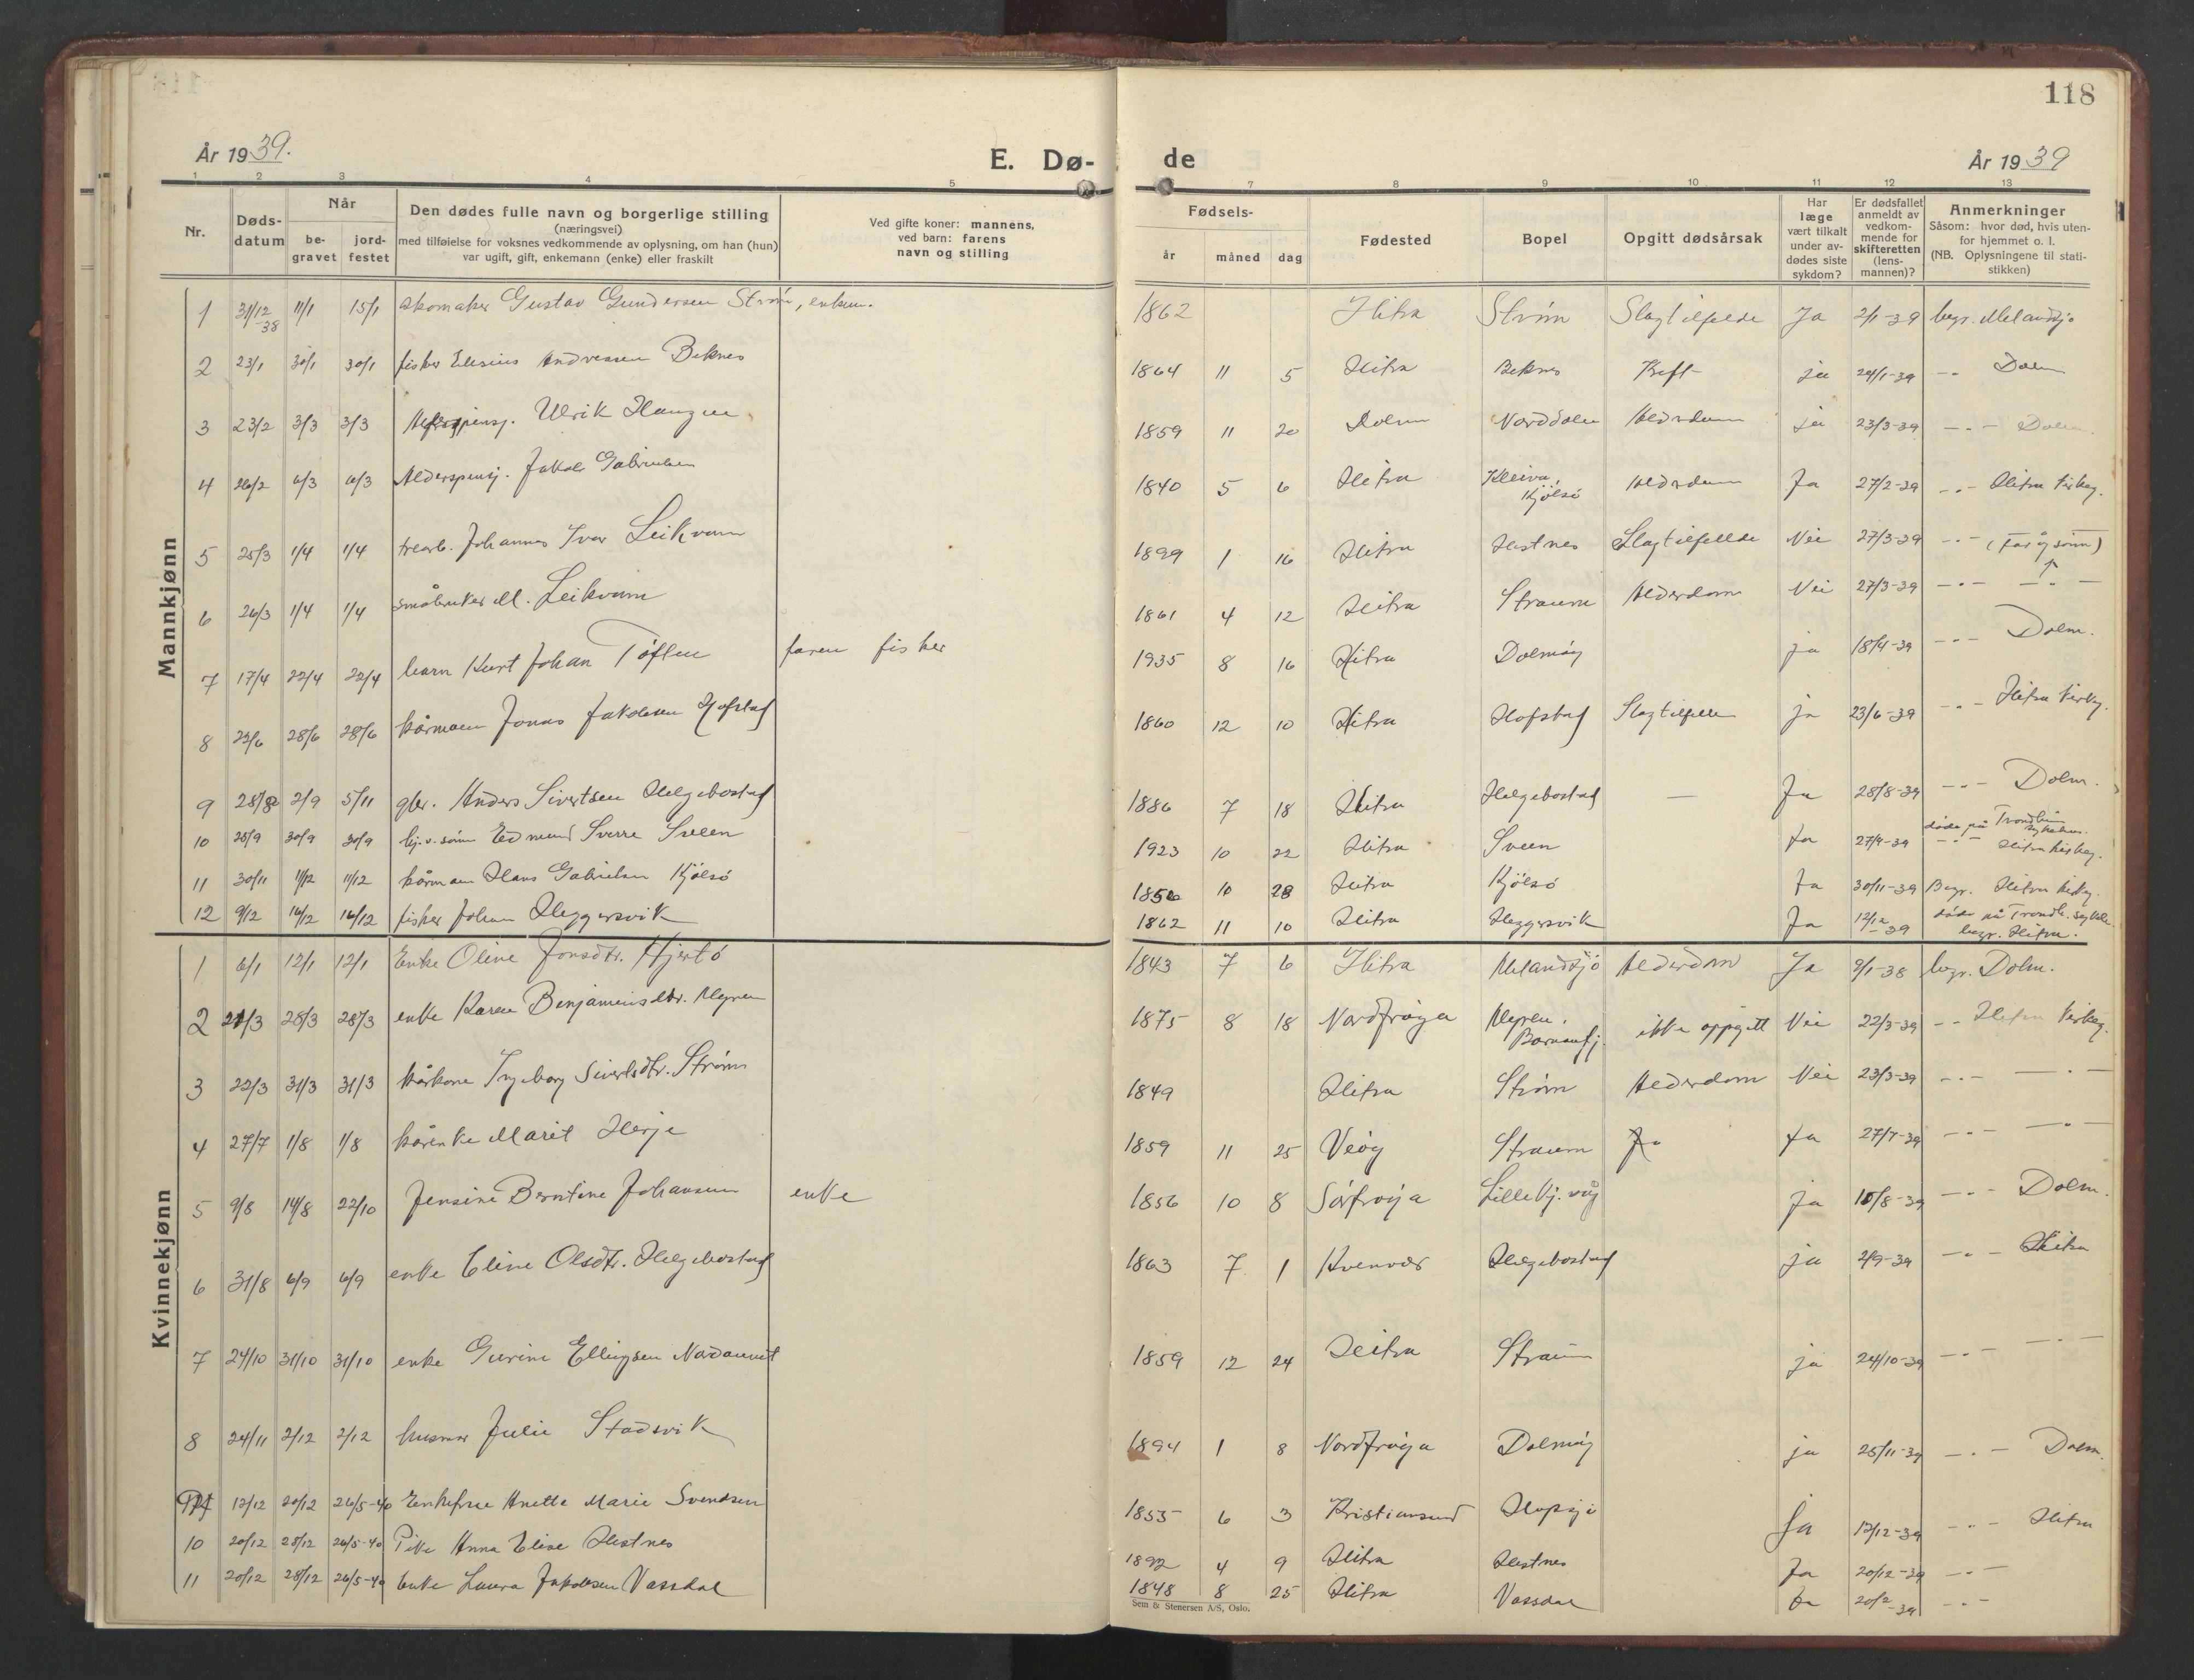 SAT, Ministerialprotokoller, klokkerbøker og fødselsregistre - Sør-Trøndelag, 634/L0544: Klokkerbok nr. 634C06, 1927-1948, s. 118